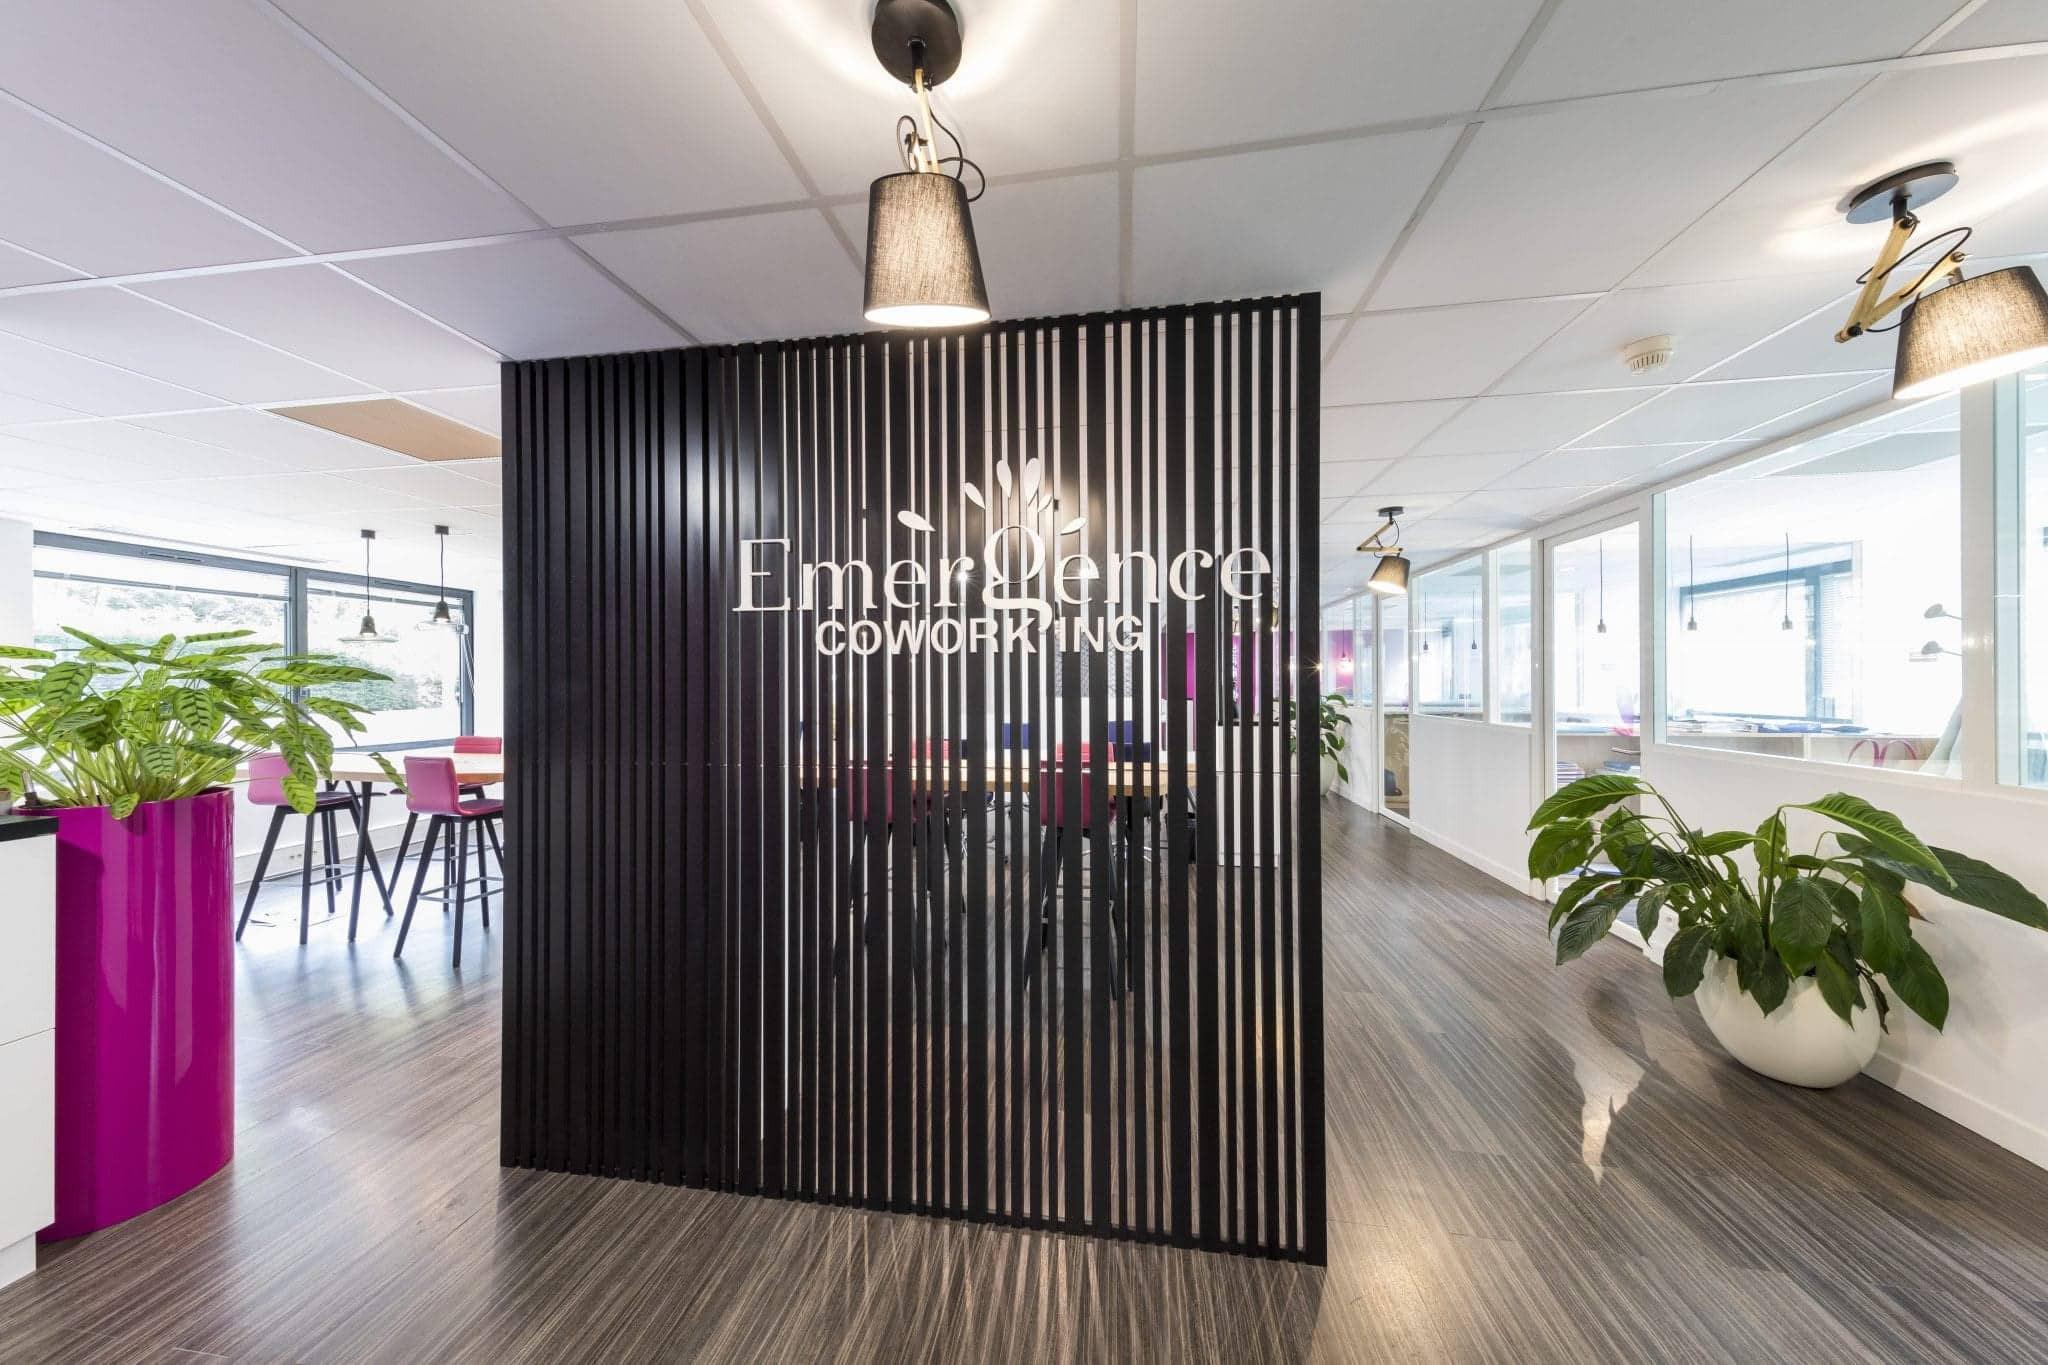 Accueil espace coworking et agencement de bureaux